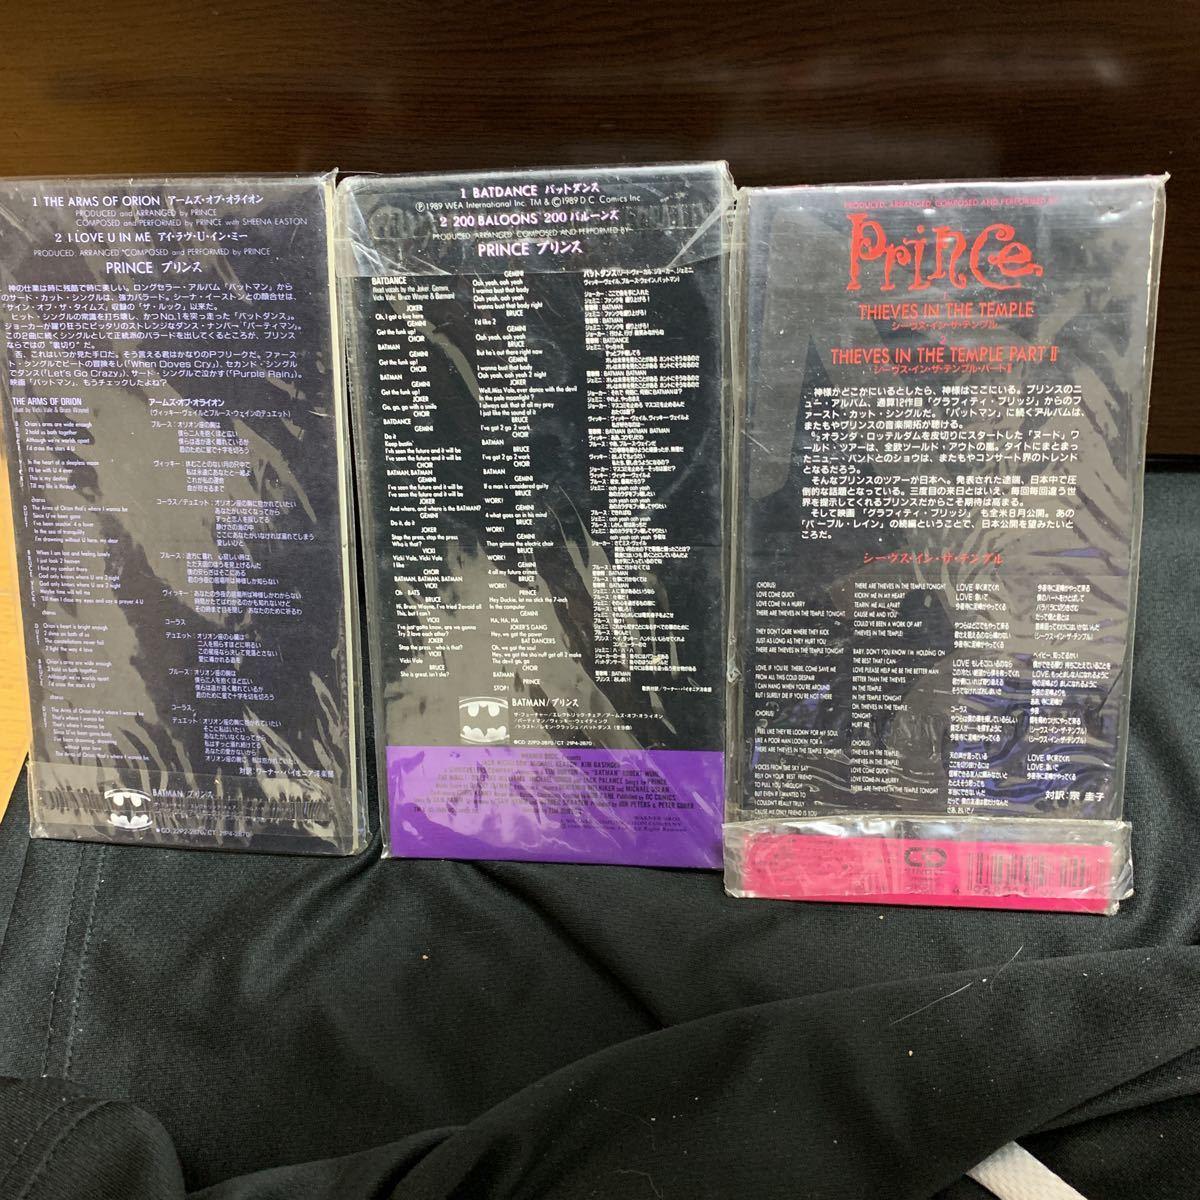 送料無料/国内盤/シングルCD/PRINCE/プリンス/BATDANCE/バットダンス/プラス2枚のシングルCD3枚セット_画像2